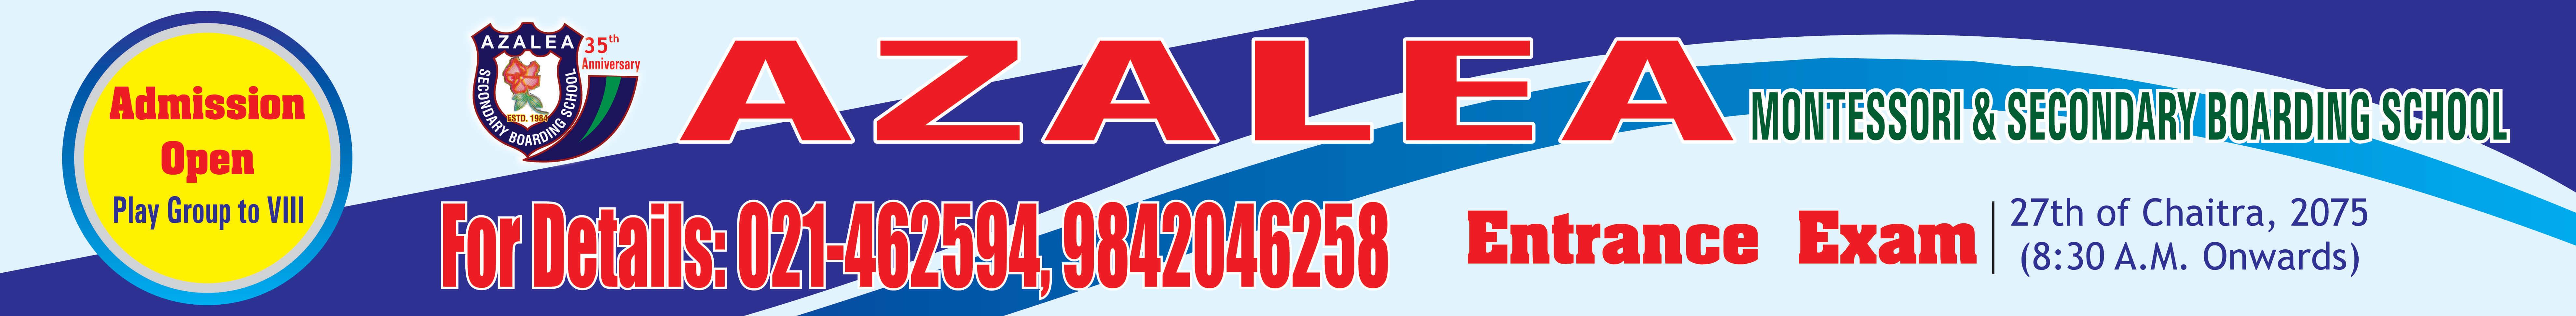 Azalea Admission Open